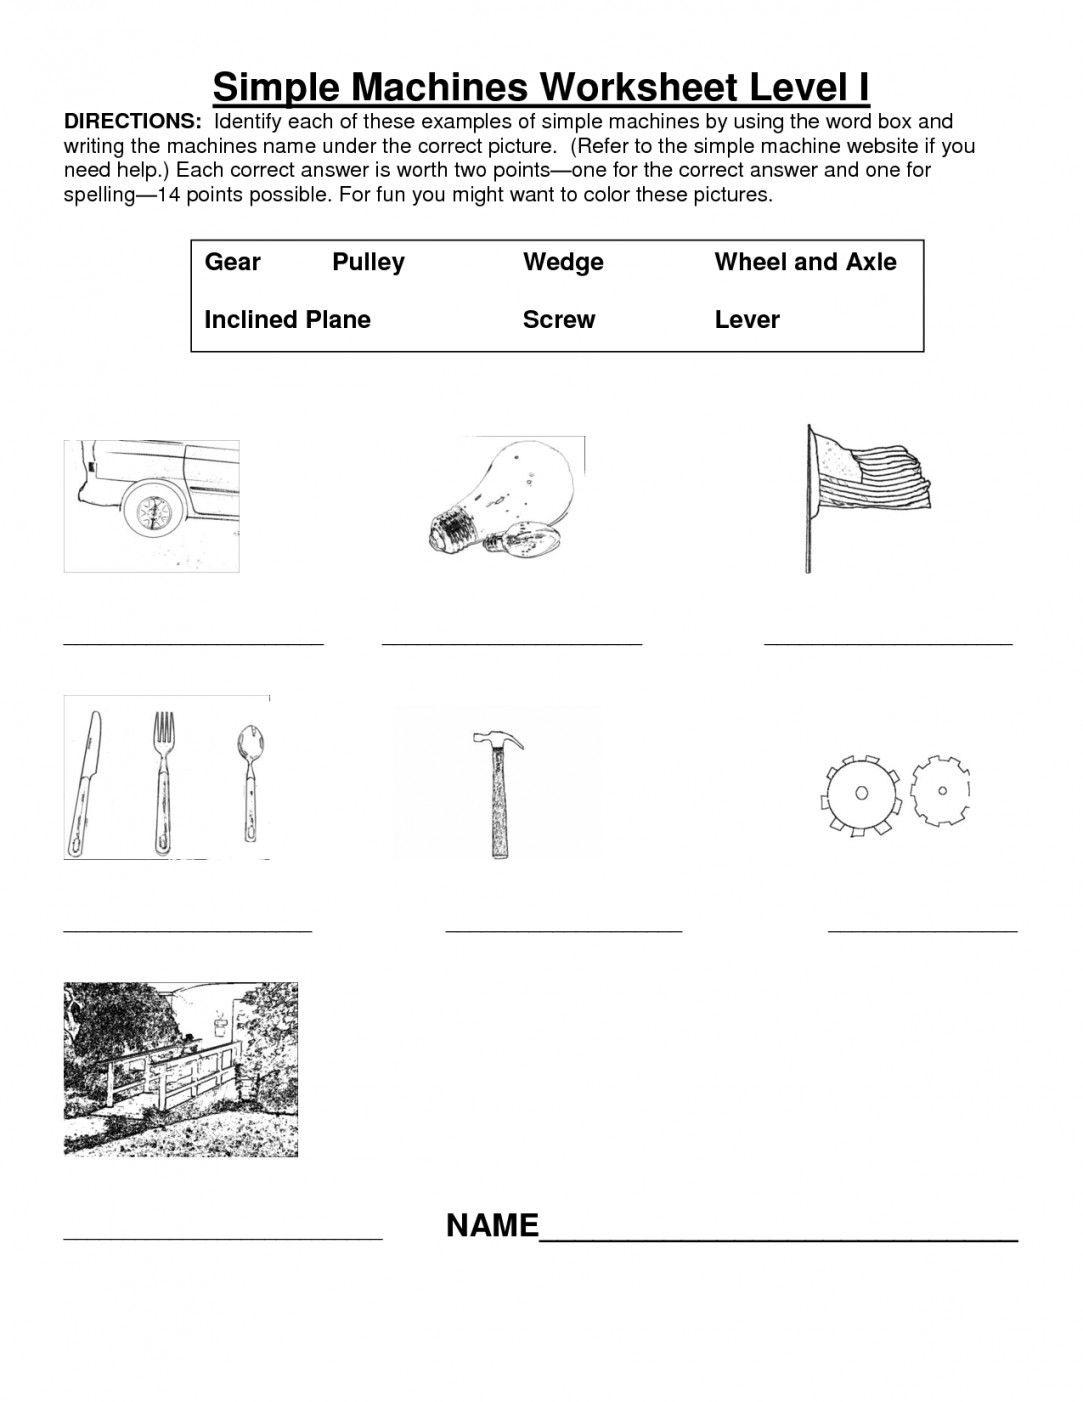 Simple Machines Worksheet Middle School Yooob